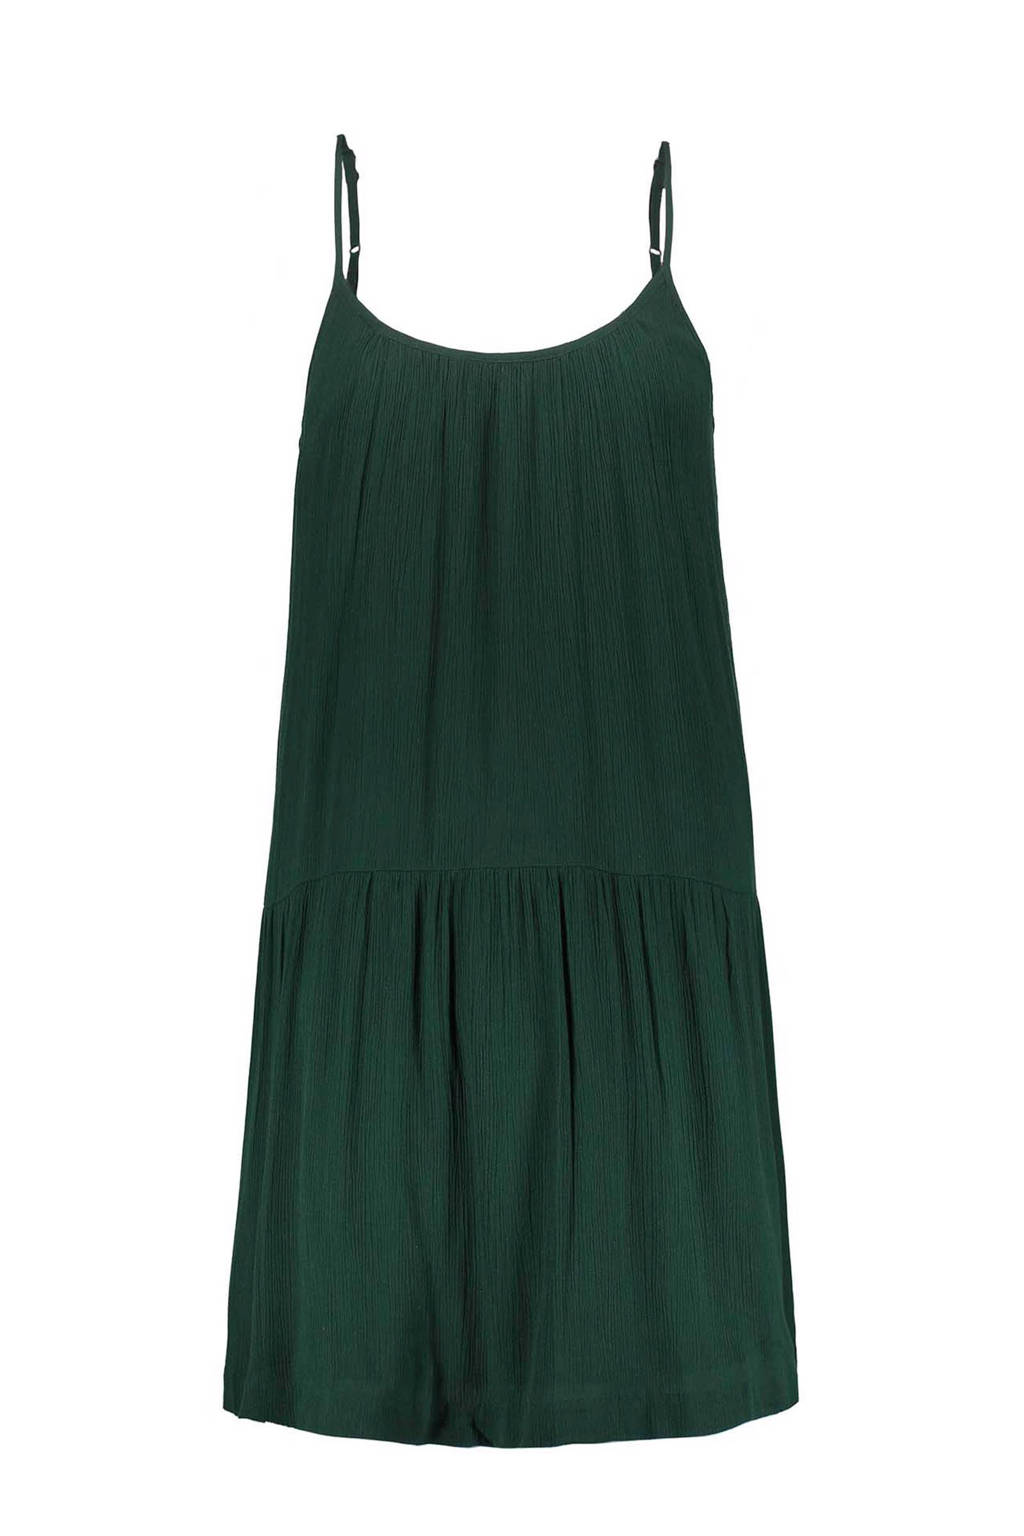 Sissy-Boy jurk, Donkergroen